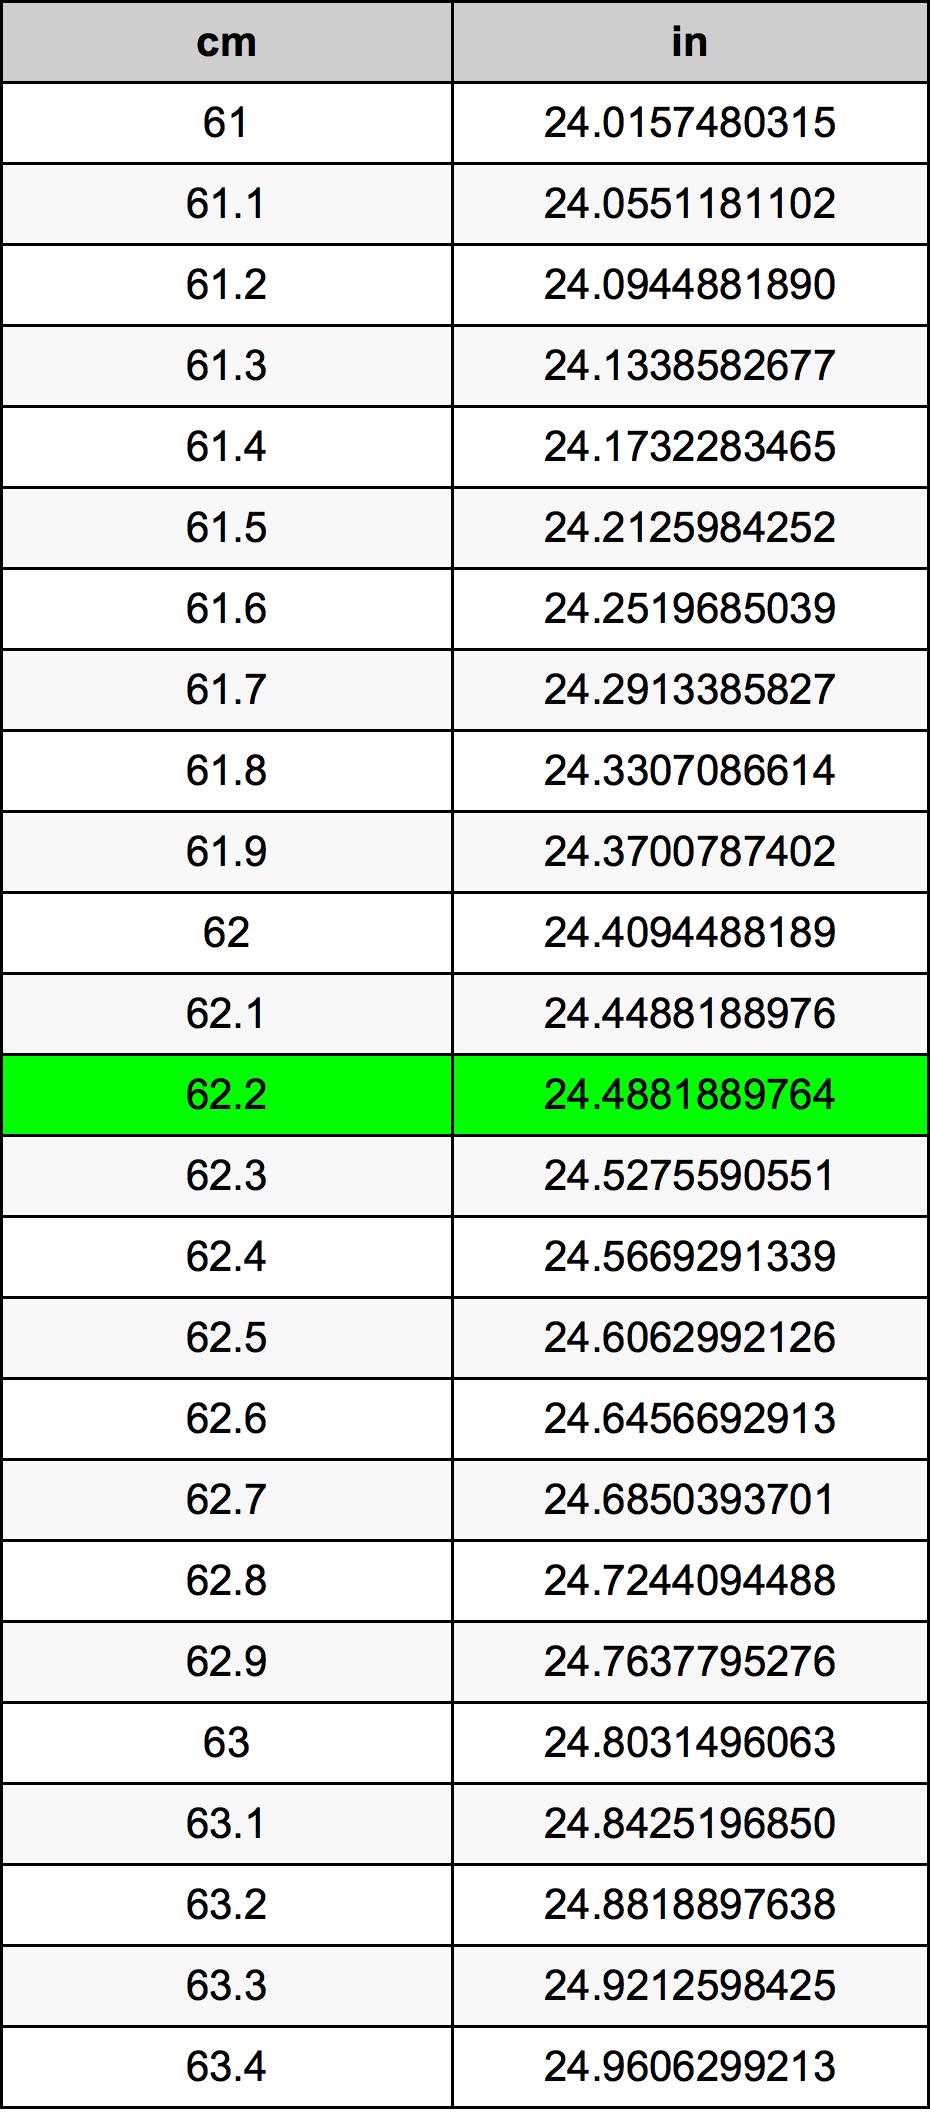 62.2 εκατοστόμετρο Πίνακας Μετατροπής